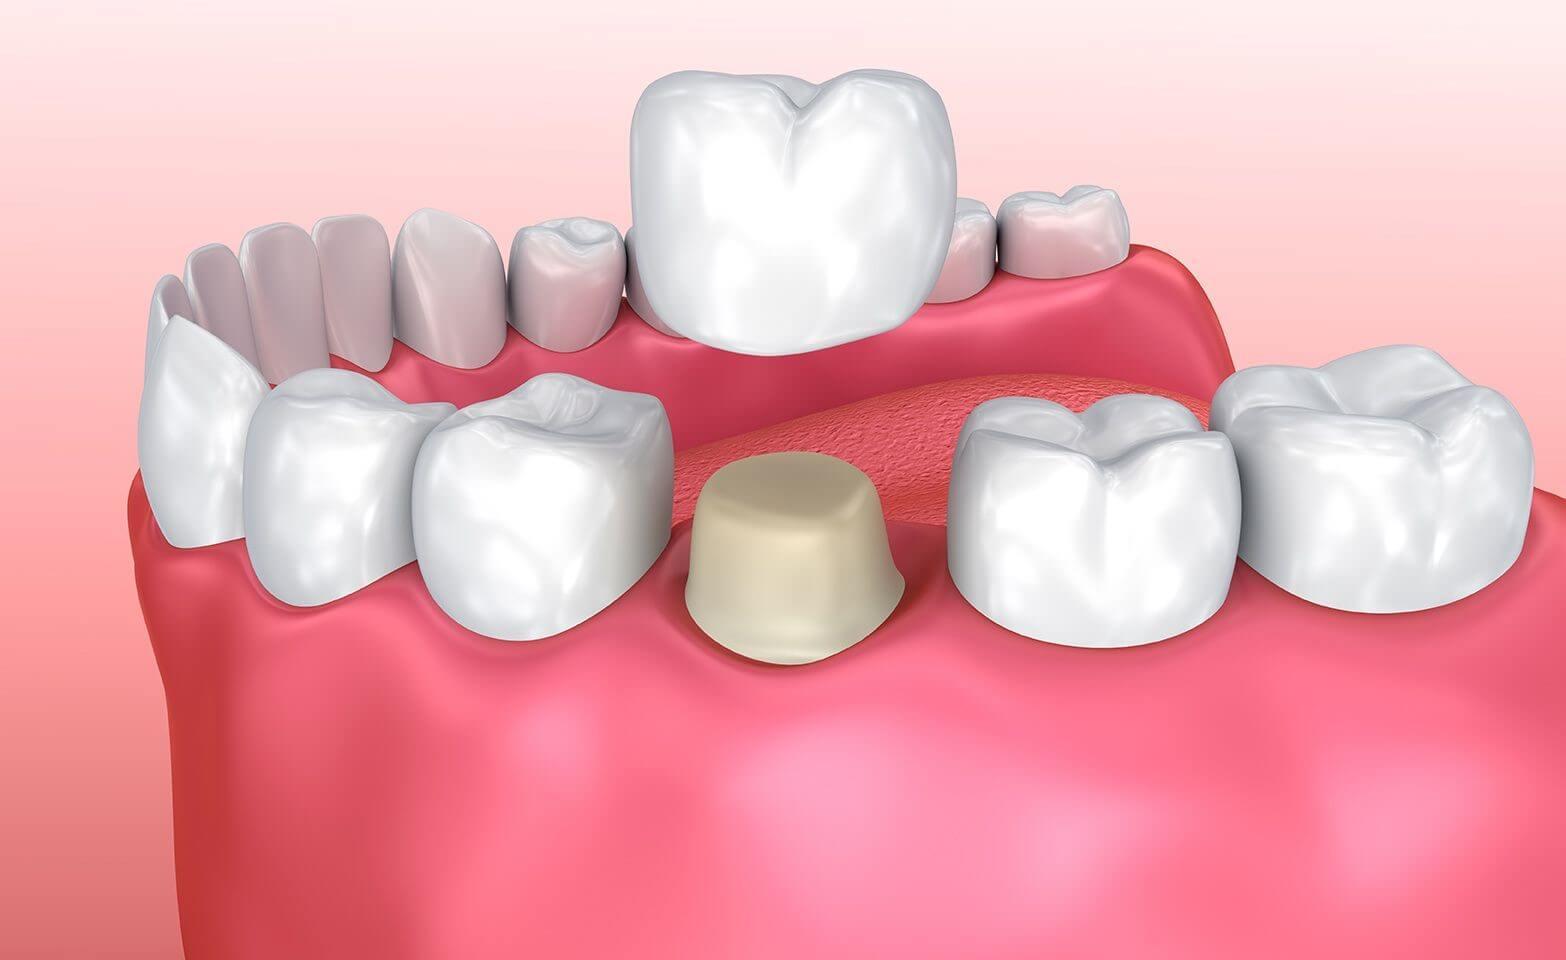 O que são as coroas dentárias?